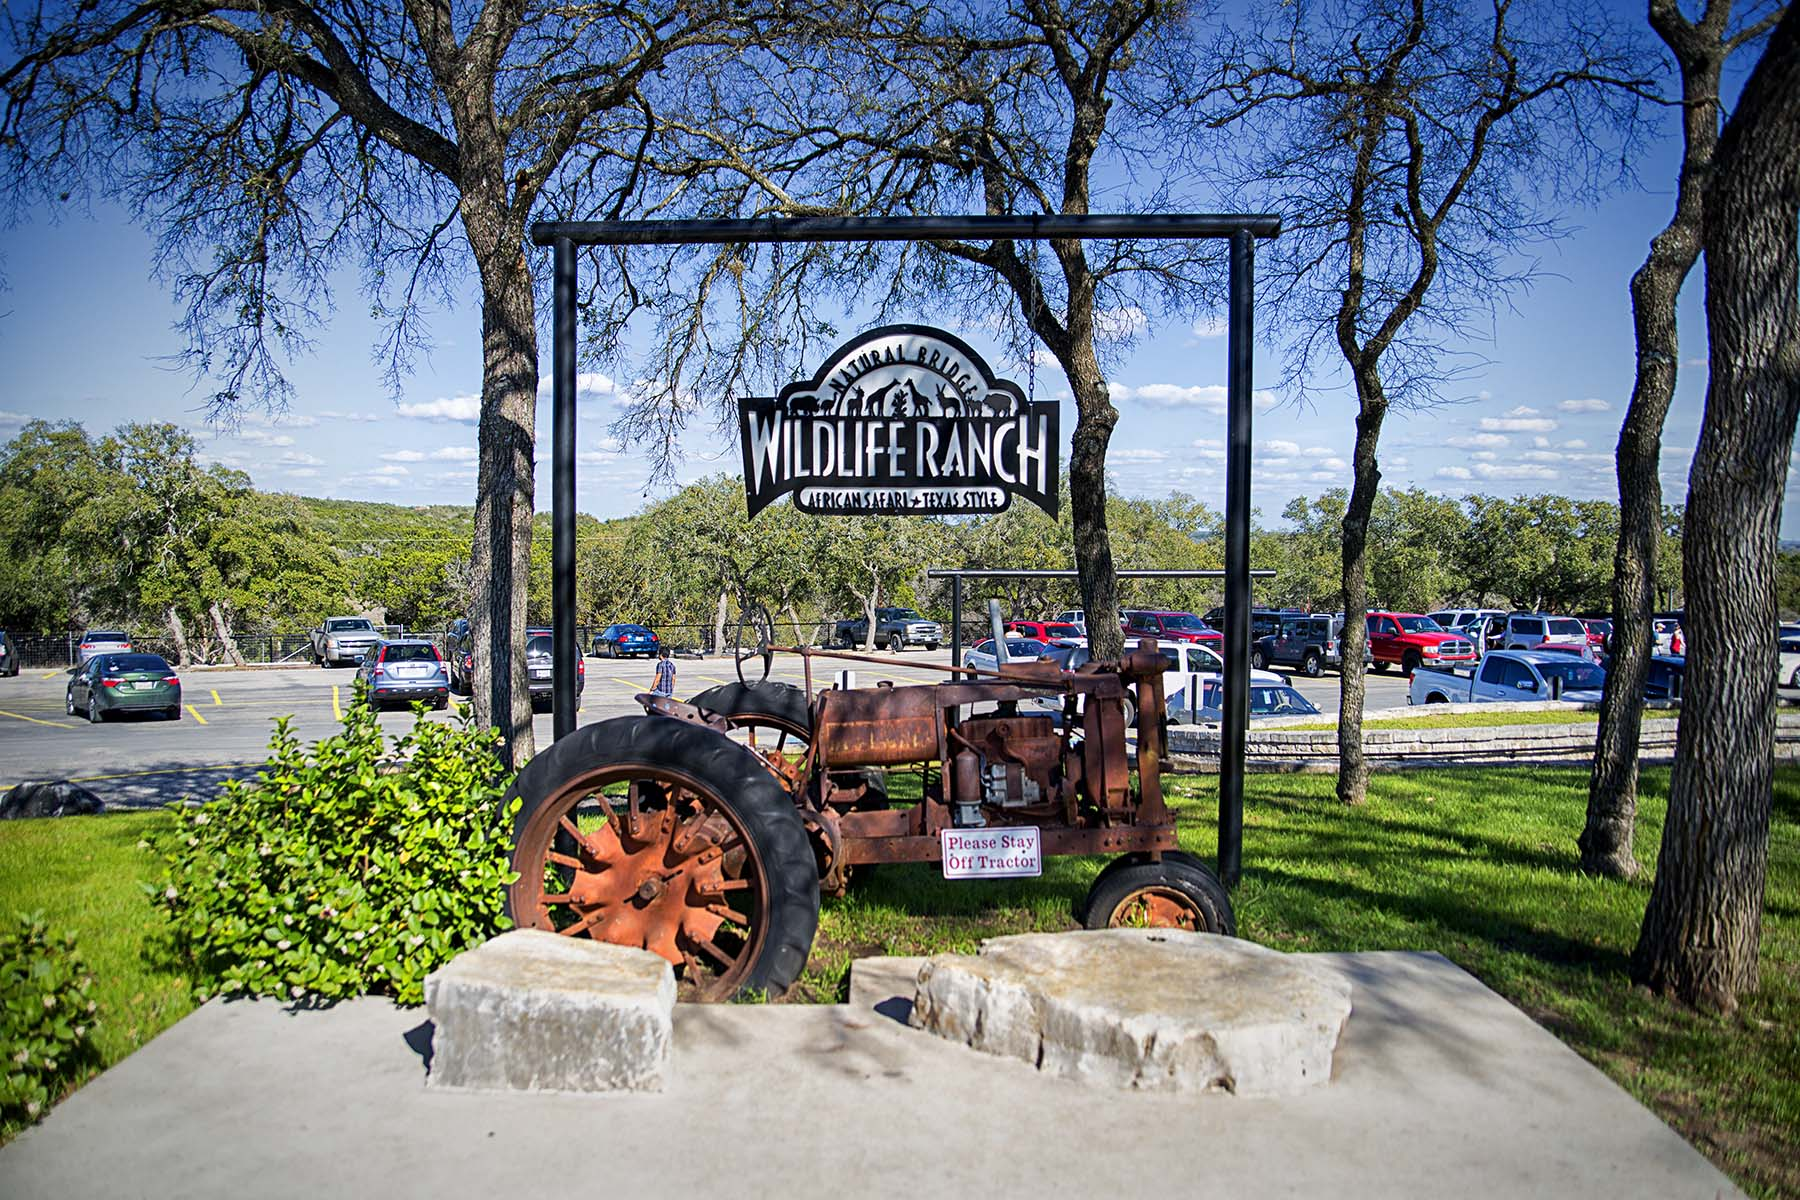 Wildlife Ranch Safari